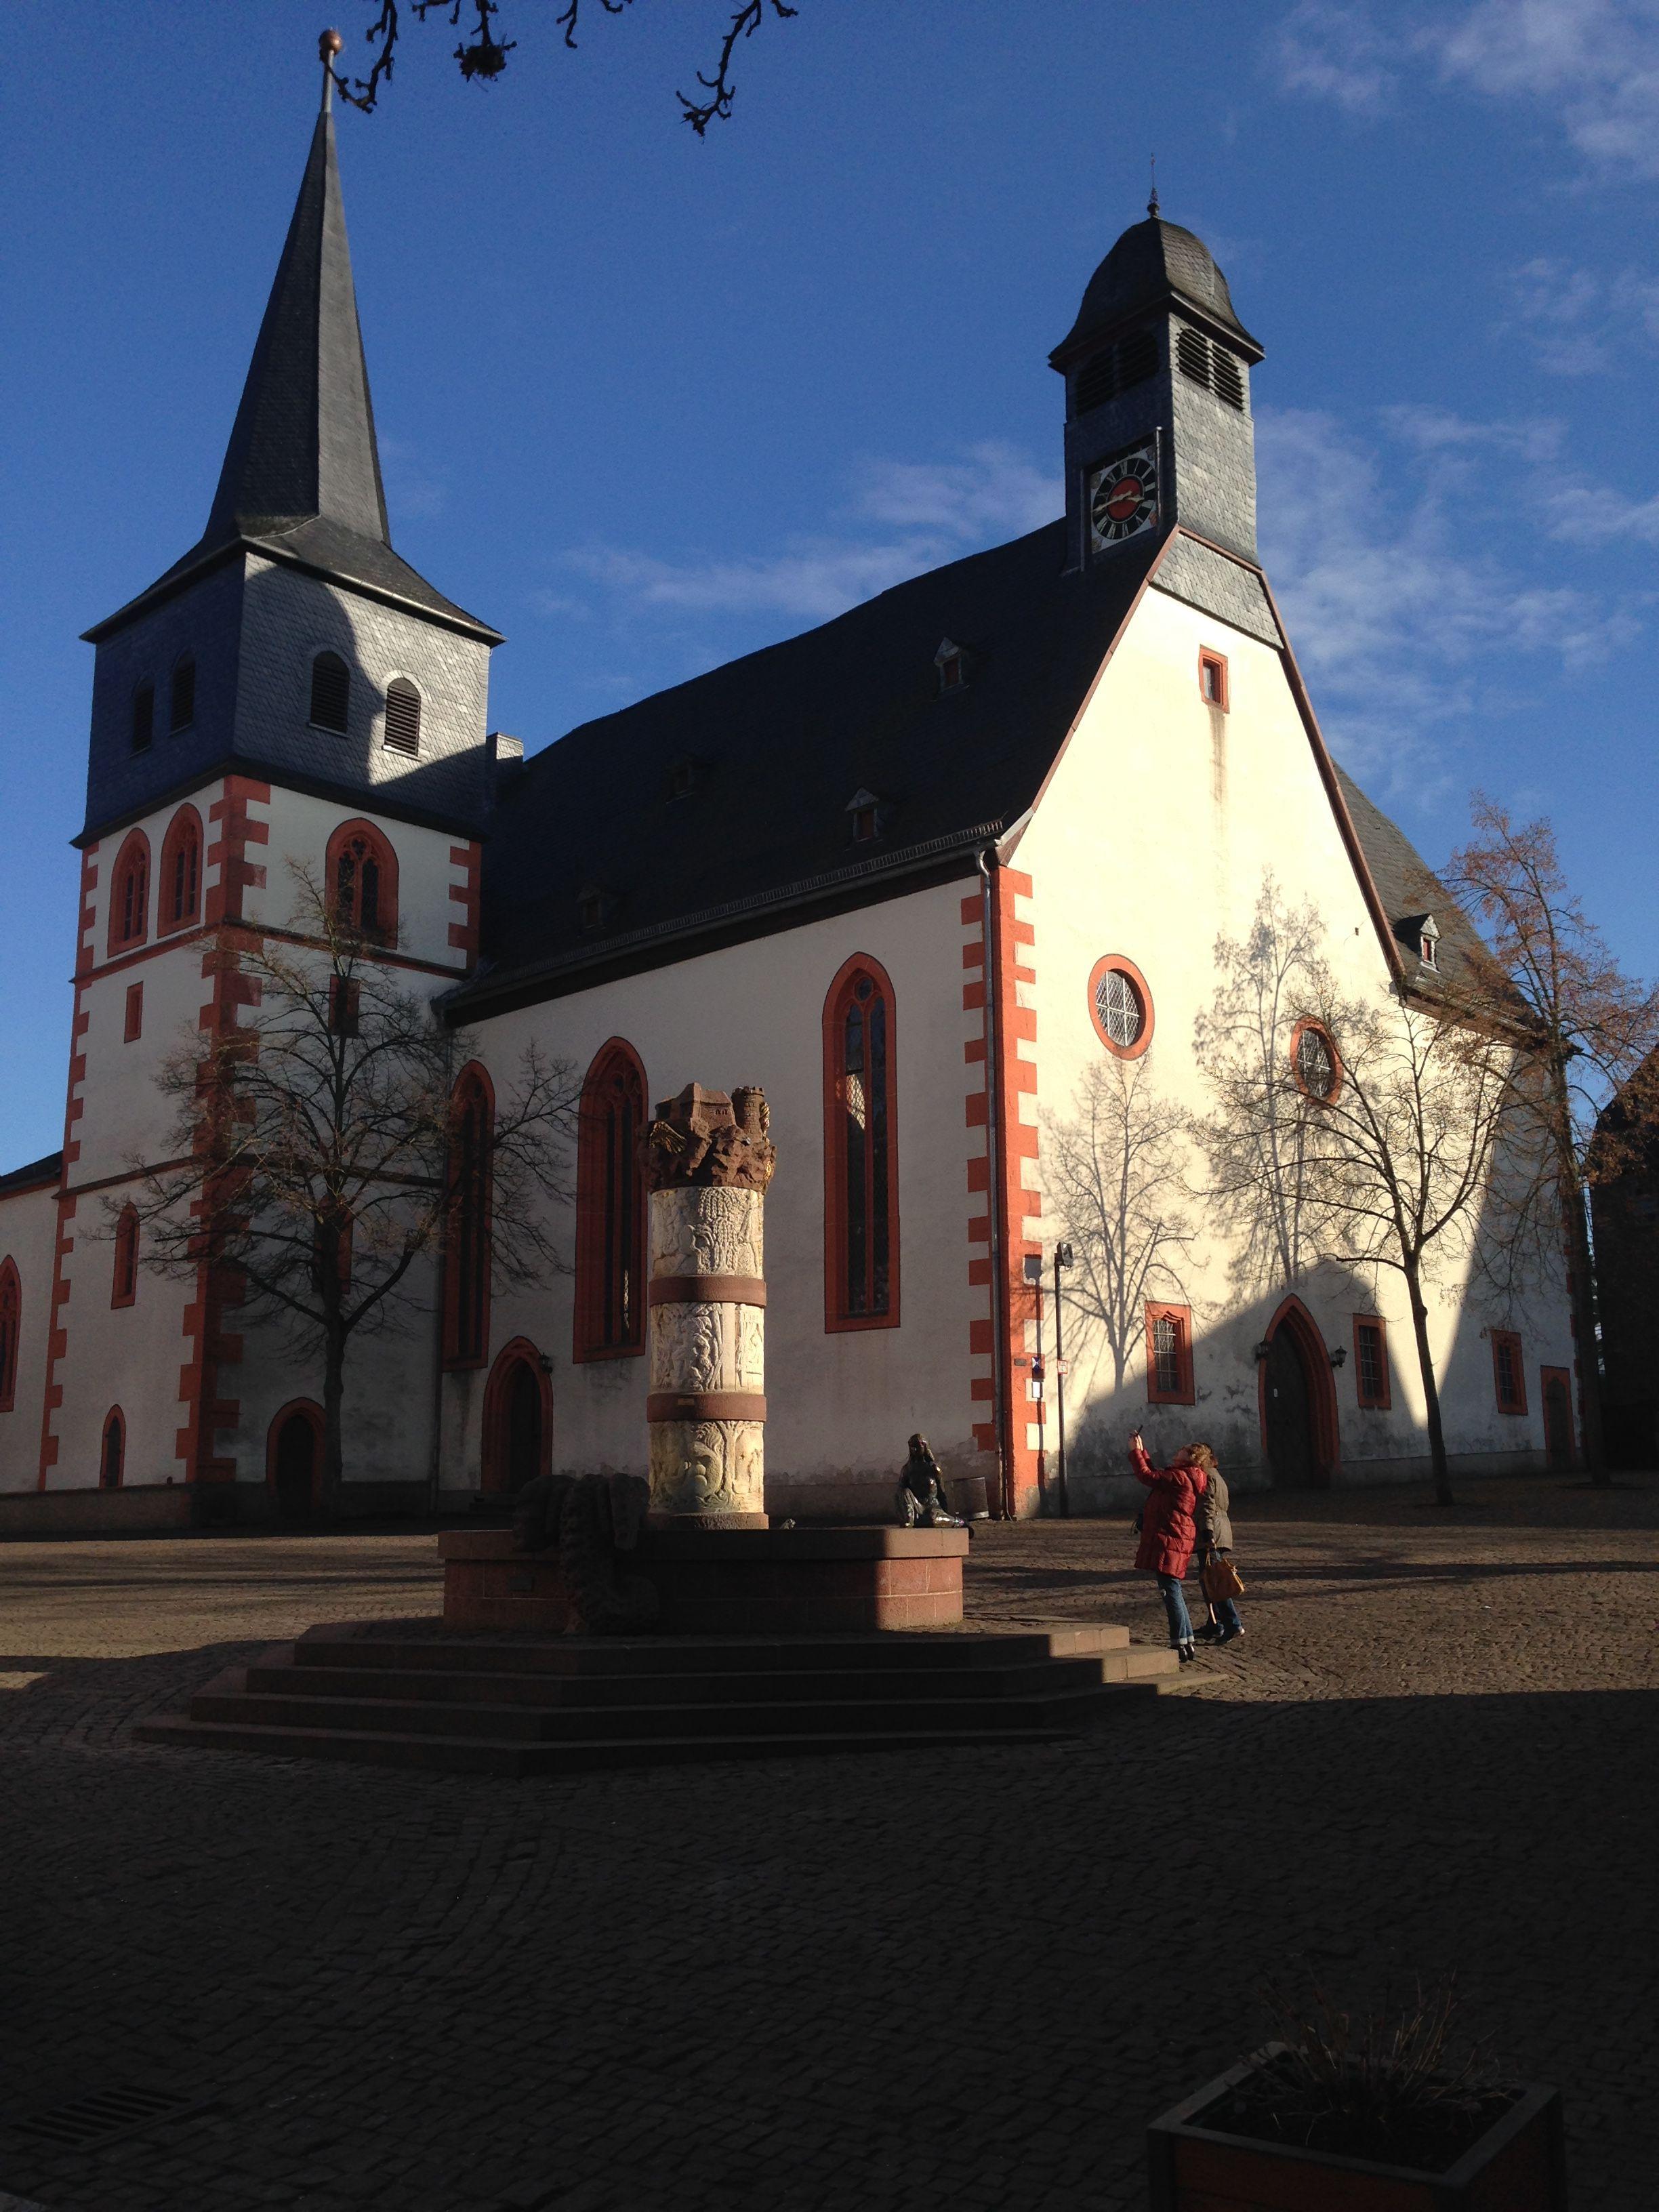 Katharinenkirche 12 Jahrhundert In Steinau An Der Strasse Steinau An Der Strasse Historische Fotos Strasse